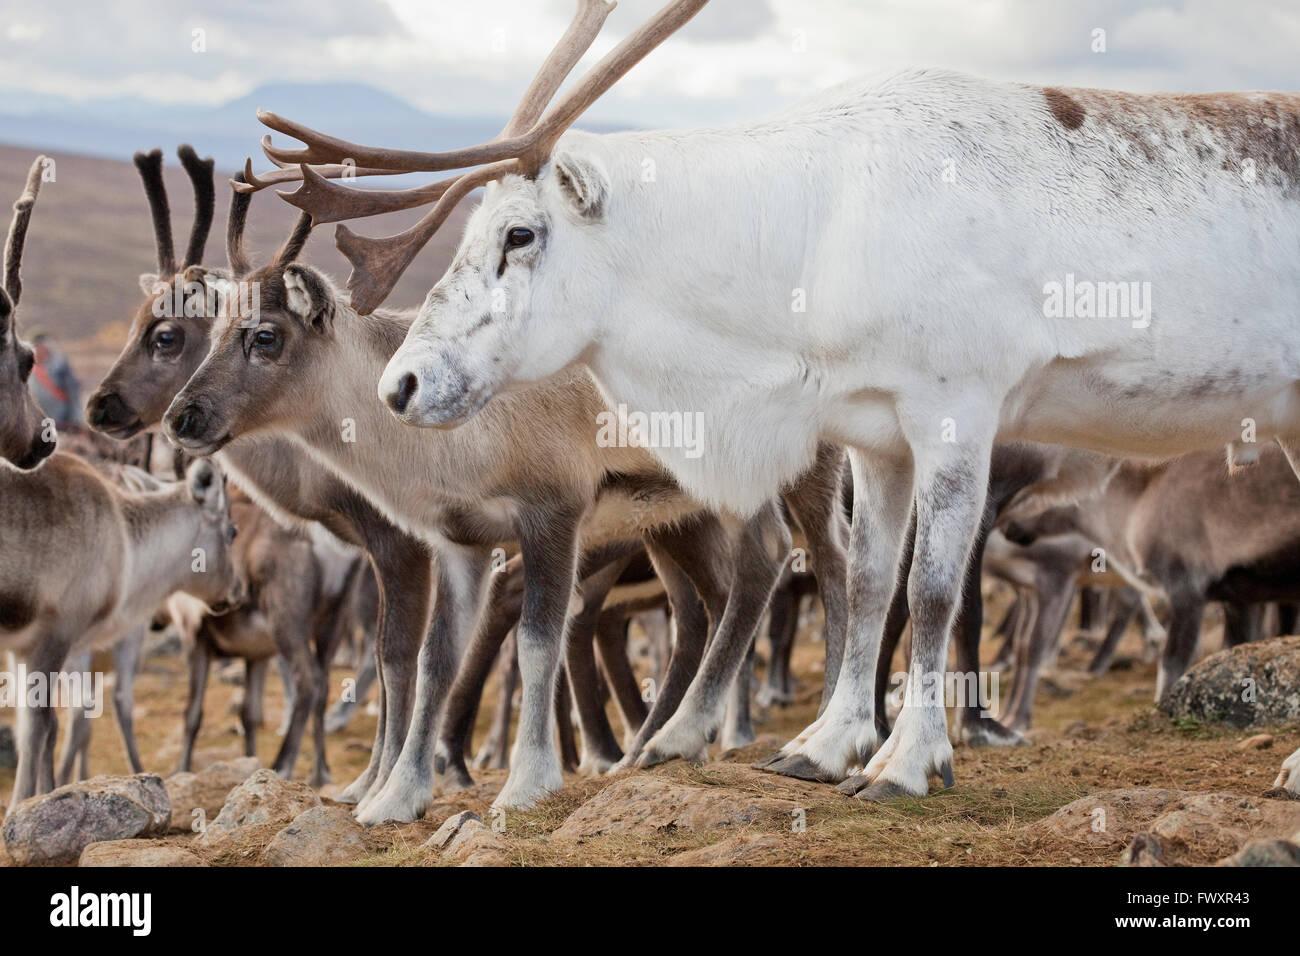 La Svezia, Lapponia, Levas, bianco renne (Rangifer tarandus) nella parte anteriore della mandria Immagini Stock